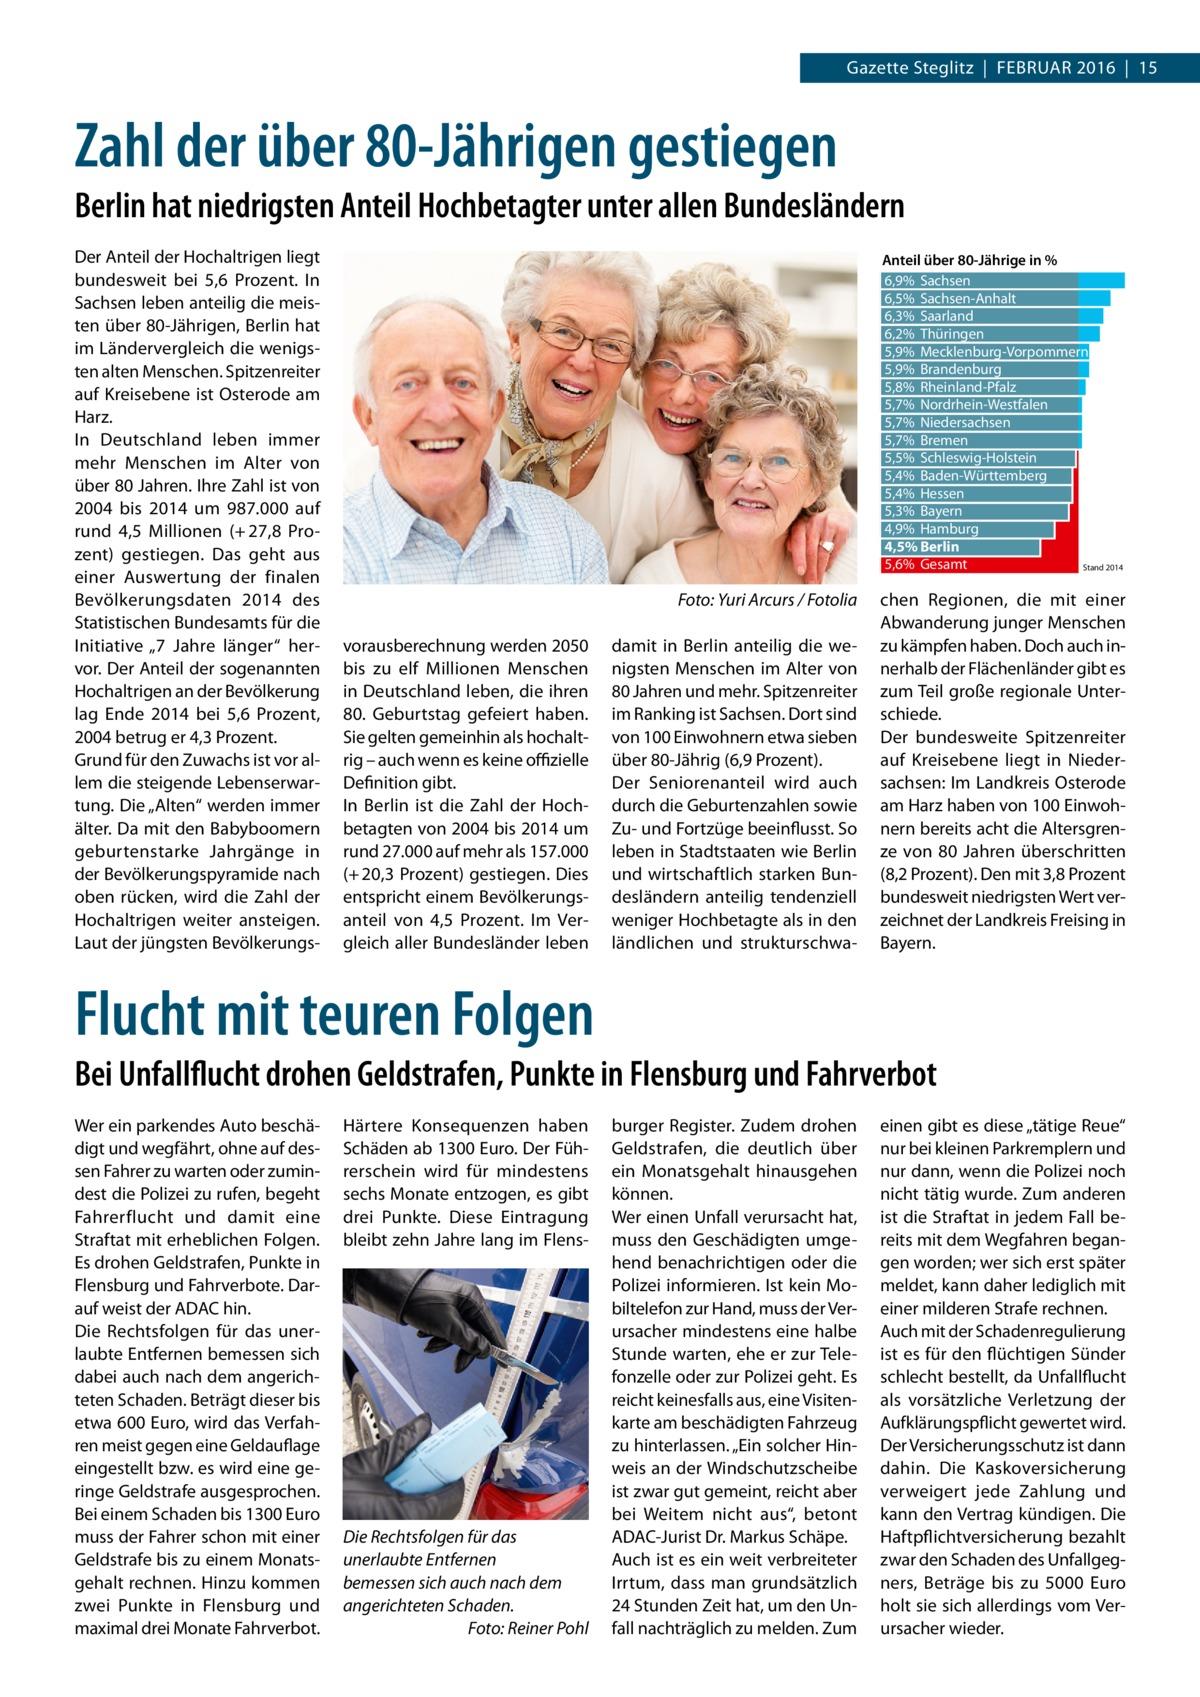 """Gazette Steglitz Februar 2016 15  Zahl der über 80-Jährigen gestiegen Berlin hat niedrigsten Anteil Hochbetagter unter allen Bundesländern Der anteil der Hochaltrigen liegt bundesweit bei 5,6 Prozent. In Sachsen leben anteilig die meisten über 80-Jährigen, berlin hat im Ländervergleich die wenigsten alten Menschen. Spitzenreiter auf Kreisebene ist Osterode am Harz. In Deutschland leben immer mehr Menschen im alter von über 80Jahren. Ihre Zahl ist von 2004 bis 2014 um 987.000 auf rund 4,5 Millionen (+ 27,8 Prozent) gestiegen. Das geht aus einer auswertung der finalen bevölkerungsdaten 2014 des Statistischen bundesamts für die Initiative """"7 Jahre länger"""" hervor. Der anteil der sogenannten Hochaltrigen an der bevölkerung lag ende 2014 bei 5,6 Prozent, 2004 betrug er 4,3Prozent. Grund für den Zuwachs ist vor allem die steigende Lebenserwartung. Die """"alten"""" werden immer älter. Da mit den babyboomern geburtenstarke Jahrgänge in der bevölkerungspyramide nach oben rücken, wird die Zahl der Hochaltrigen weiter ansteigen. Laut der jüngsten bevölkerungs Anteil über 80-Jährige in % 6,9% Sachsen 6,5% Sachsen-Anhalt 6,3% Saarland 6,2% Thüringen 5,9% Mecklenburg-Vorpommern 5,9% Brandenburg 5,8% Rheinland-Pfalz 5,7% Nordrhein-Westfalen 5,7% Niedersachsen 5,7% Bremen 5,5% Schleswig-Holstein 5,4% Baden-Württemberg 5,4% Hessen 5,3% Bayern 4,9% Hamburg 4,5% Berlin 5,6% Gesamt Stand 2014  Foto: Yuri Arcurs / Fotolia vorausberechnung werden 2050 bis zu elf Millionen Menschen in Deutschland leben, die ihren 80. Geburtstag gefeiert haben. Sie gelten gemeinhin als hochaltrig – auch wenn es keine offizielle Definition gibt. In berlin ist die Zahl der Hochbetagten von 2004 bis 2014 um rund 27.000 auf mehr als 157.000 (+ 20,3Prozent) gestiegen. Dies entspricht einem bevölkerungsanteil von 4,5 Prozent. Im Vergleich aller bundesländer leben  damit in berlin anteilig die wenigsten Menschen im alter von 80Jahren und mehr. Spitzenreiter im ranking ist Sachsen. Dort sind von 100einwohnern etwa siebe"""